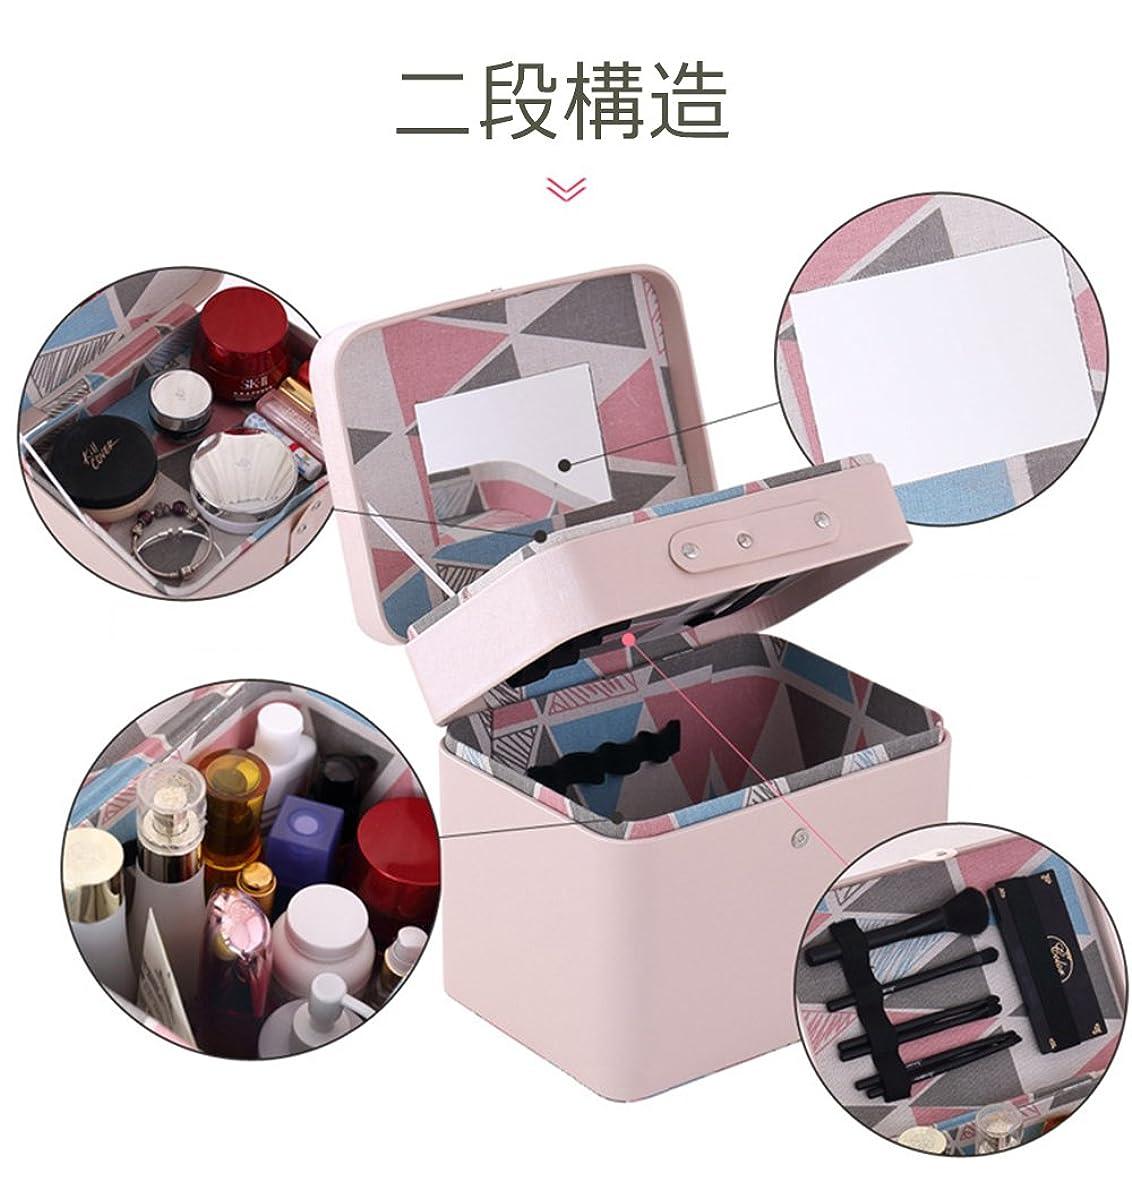 拡張忘れられないコンテンツSZTulip メイクボックス コスメボックス 大容量収納ケース メイクブラシ化粧道具 小物入れ 鏡付き 化粧品収納ボックス (ピンク)